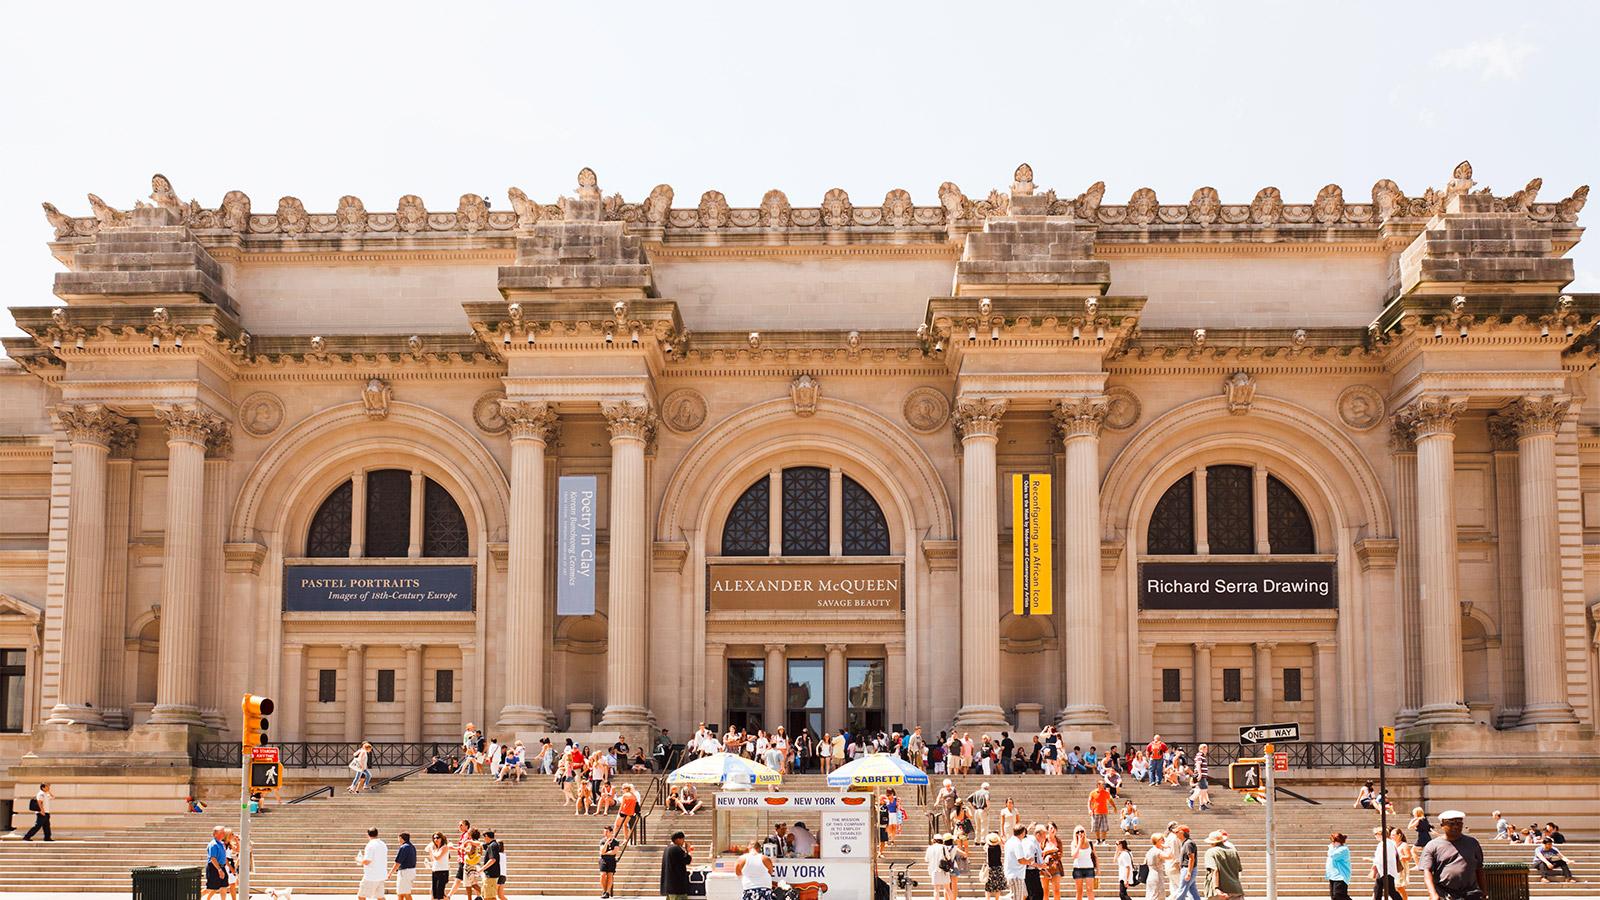 Художественный музей Метрополитен (Metropolitan Museum of Art)